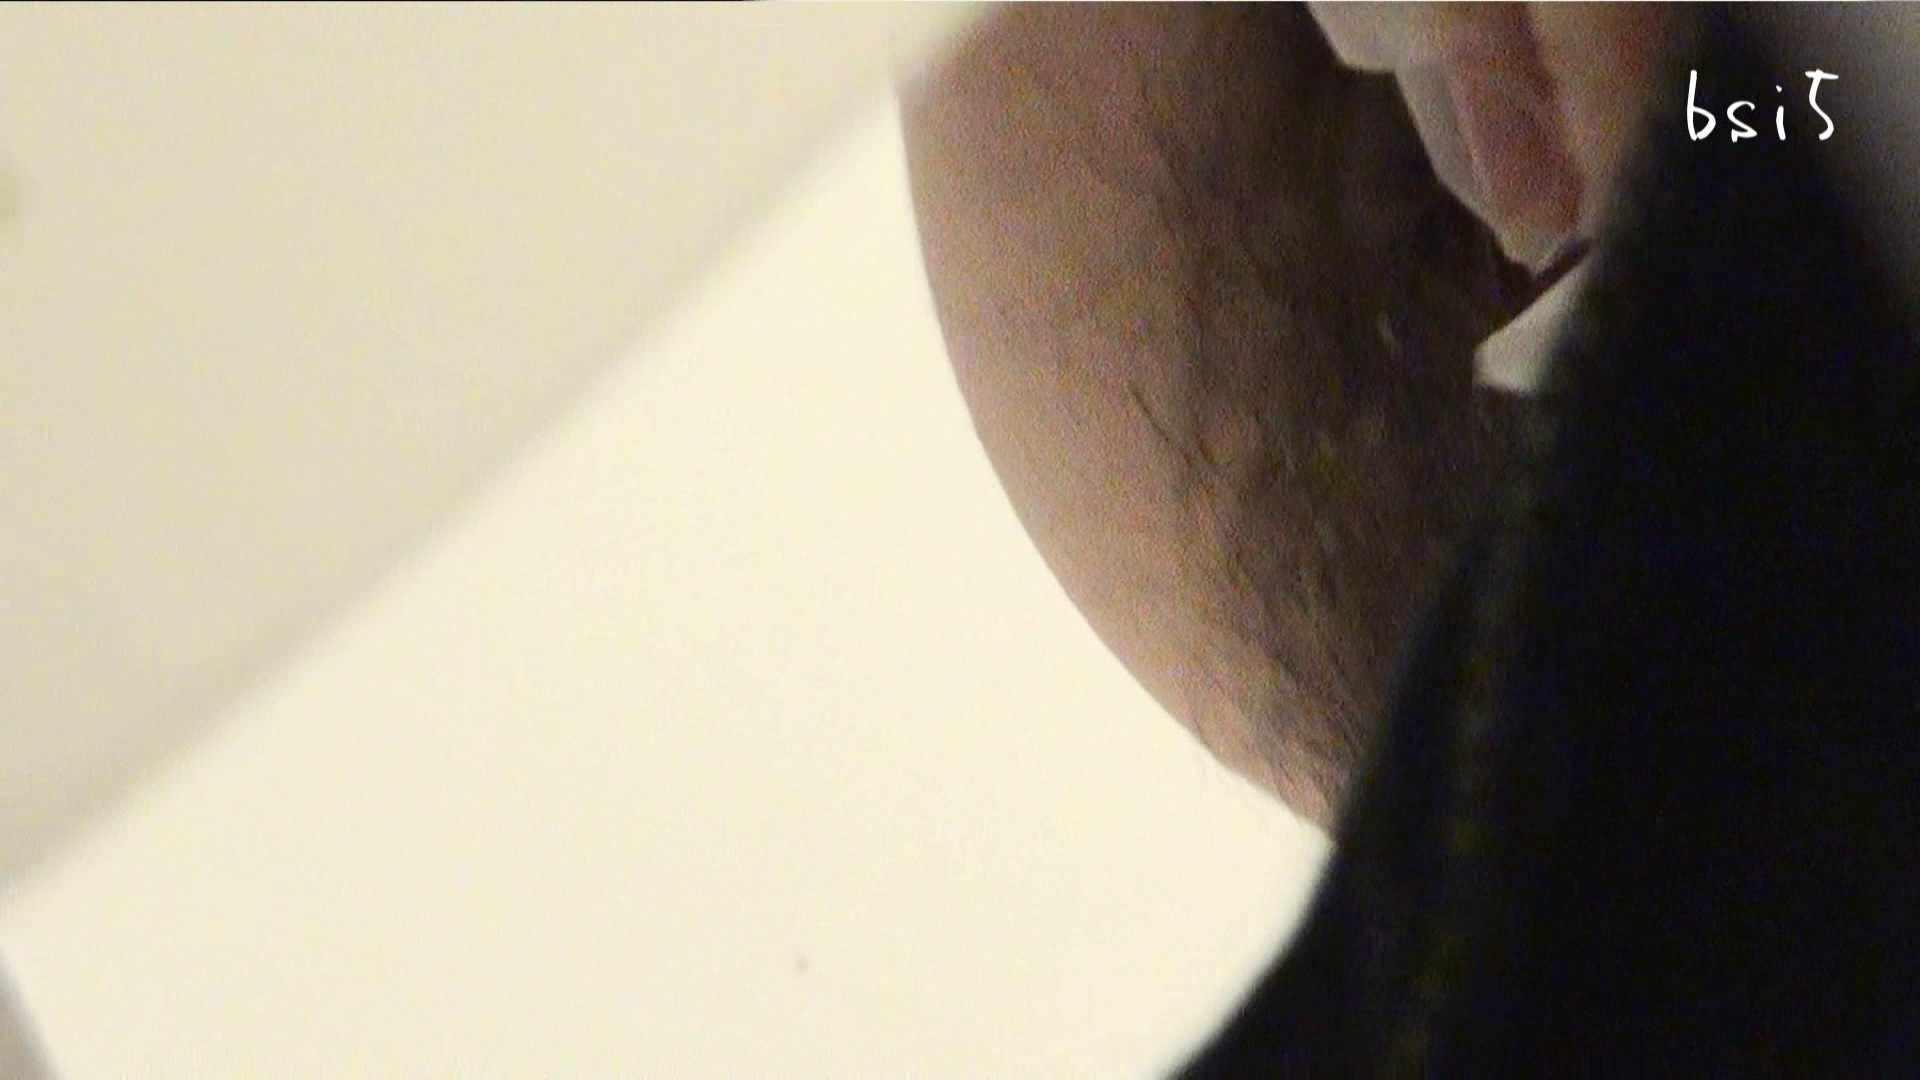 至高下半身盗撮-PREMIUM-【院内病棟編 】 vol.05 洗面所 | ナース編  72連発 13